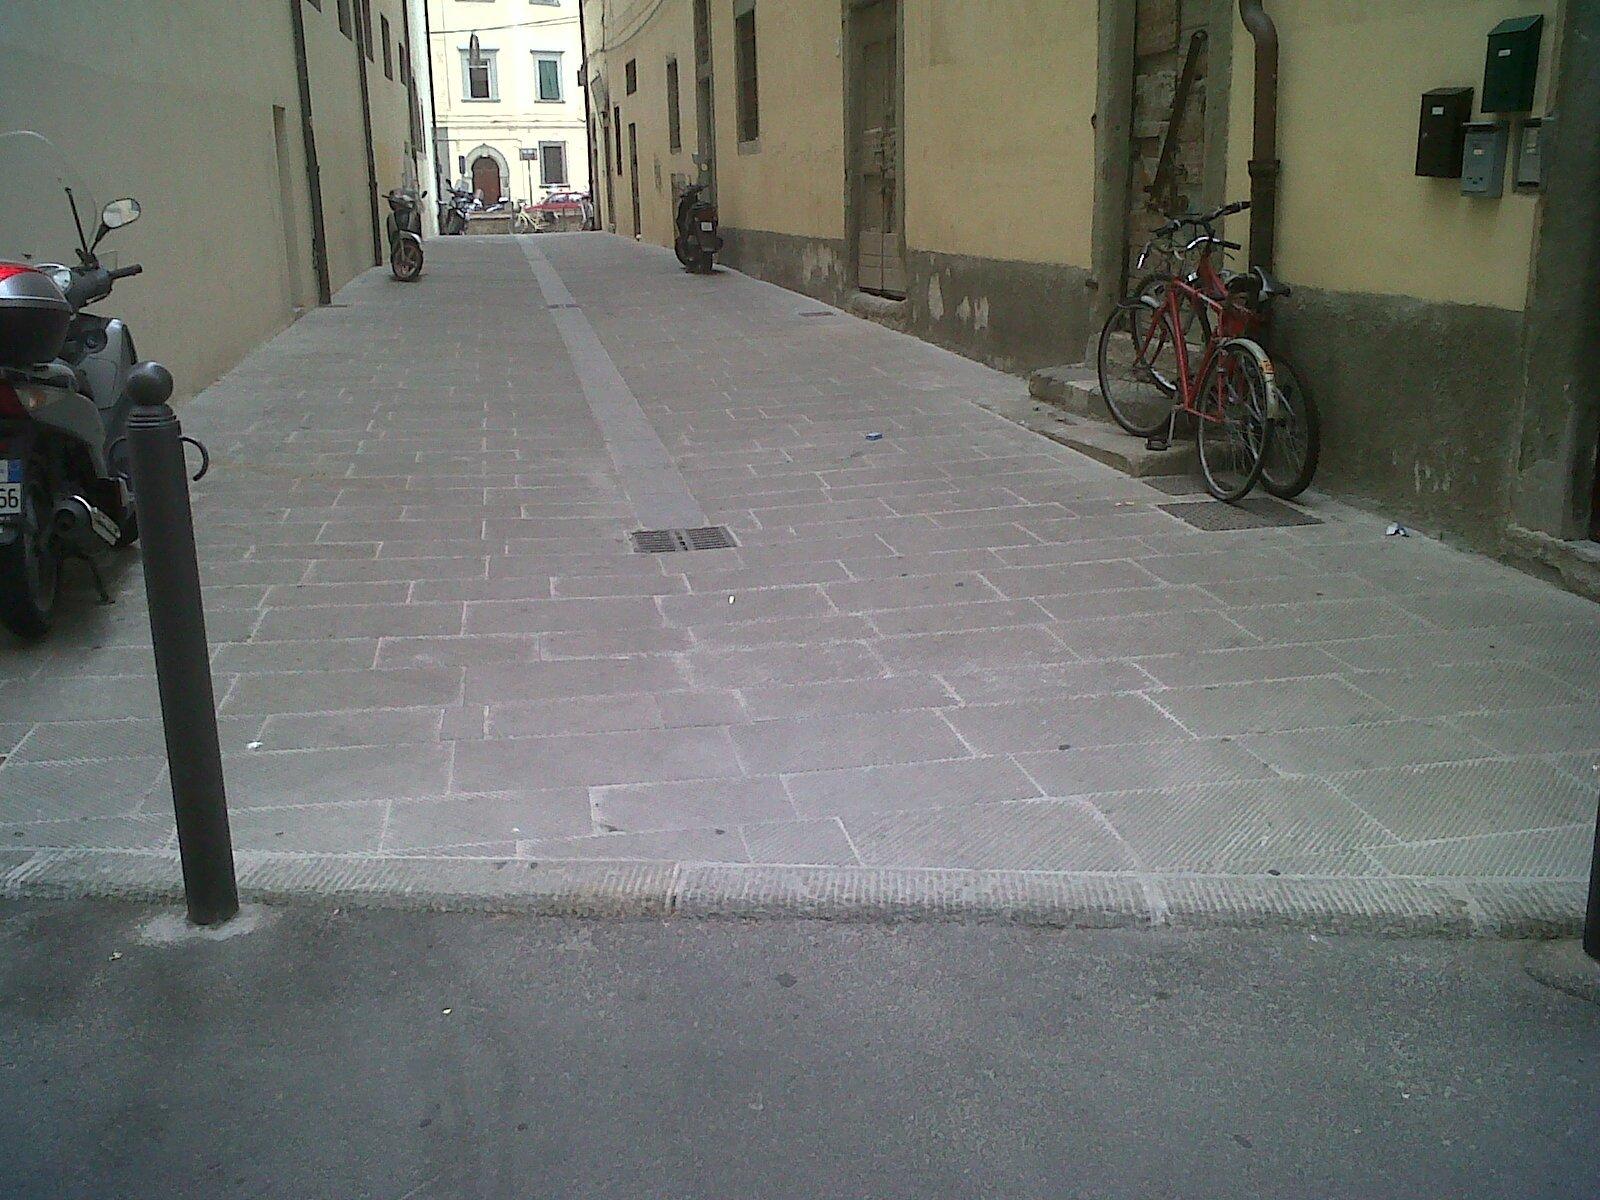 un asfaltazione in cemento in un vicolo con sulla destra due bici appoggiate al muro e sulla sinistra uno scooter